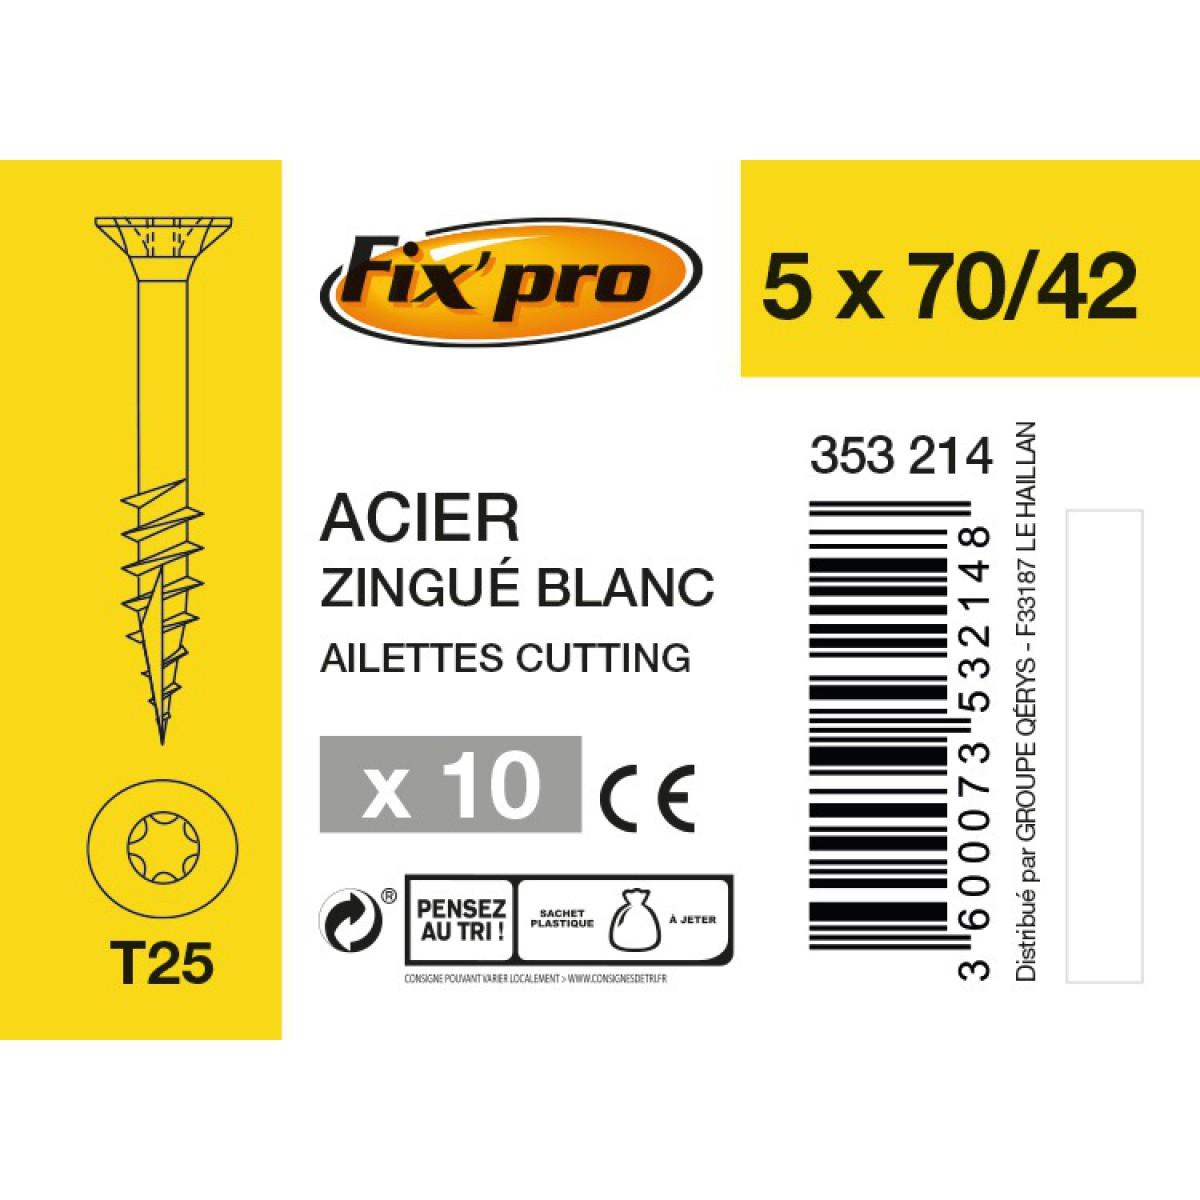 Vis à bois tête fraisée TX - 5x70/42 - 10pces - Fixpro